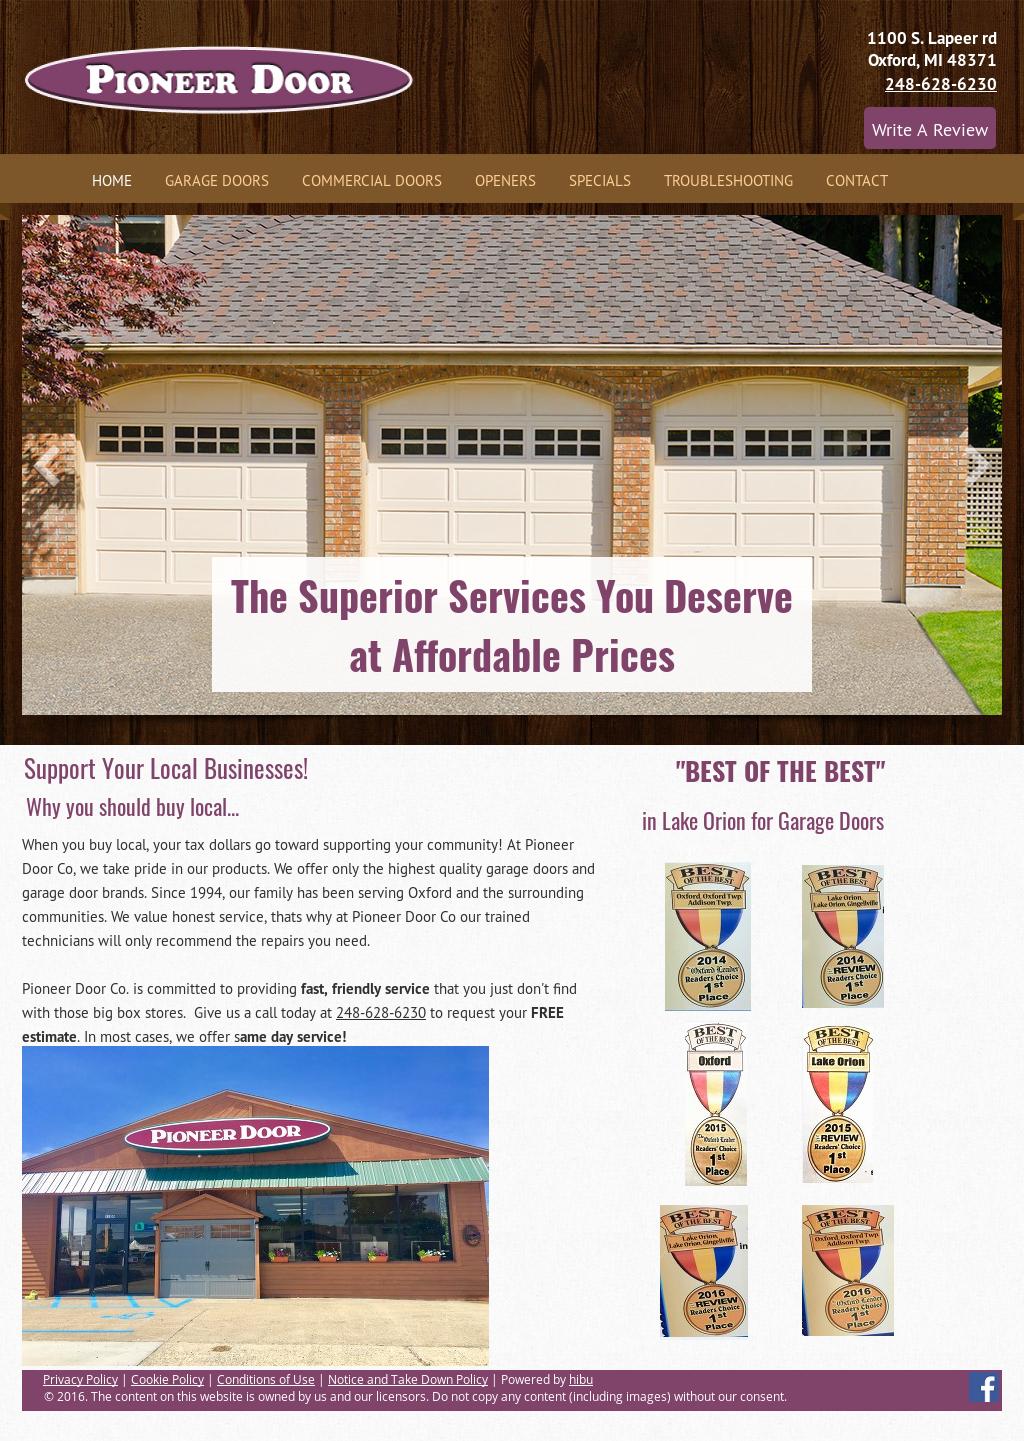 Pioneer Door Co Website History